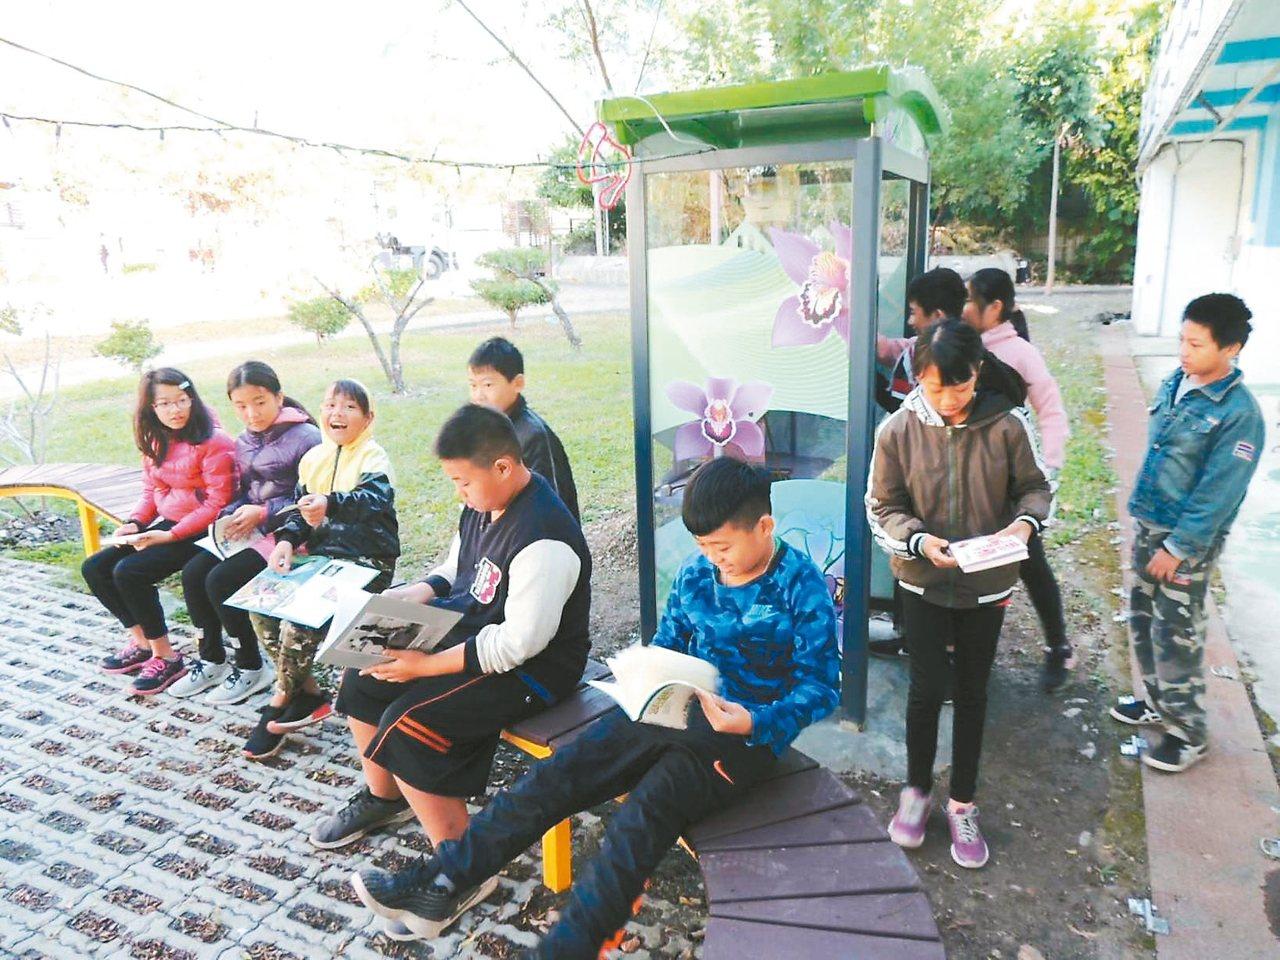 六龜寶來國小將公共電話亭改造為小圖書館,校園飄散濃濃書香。 記者徐白櫻/攝影